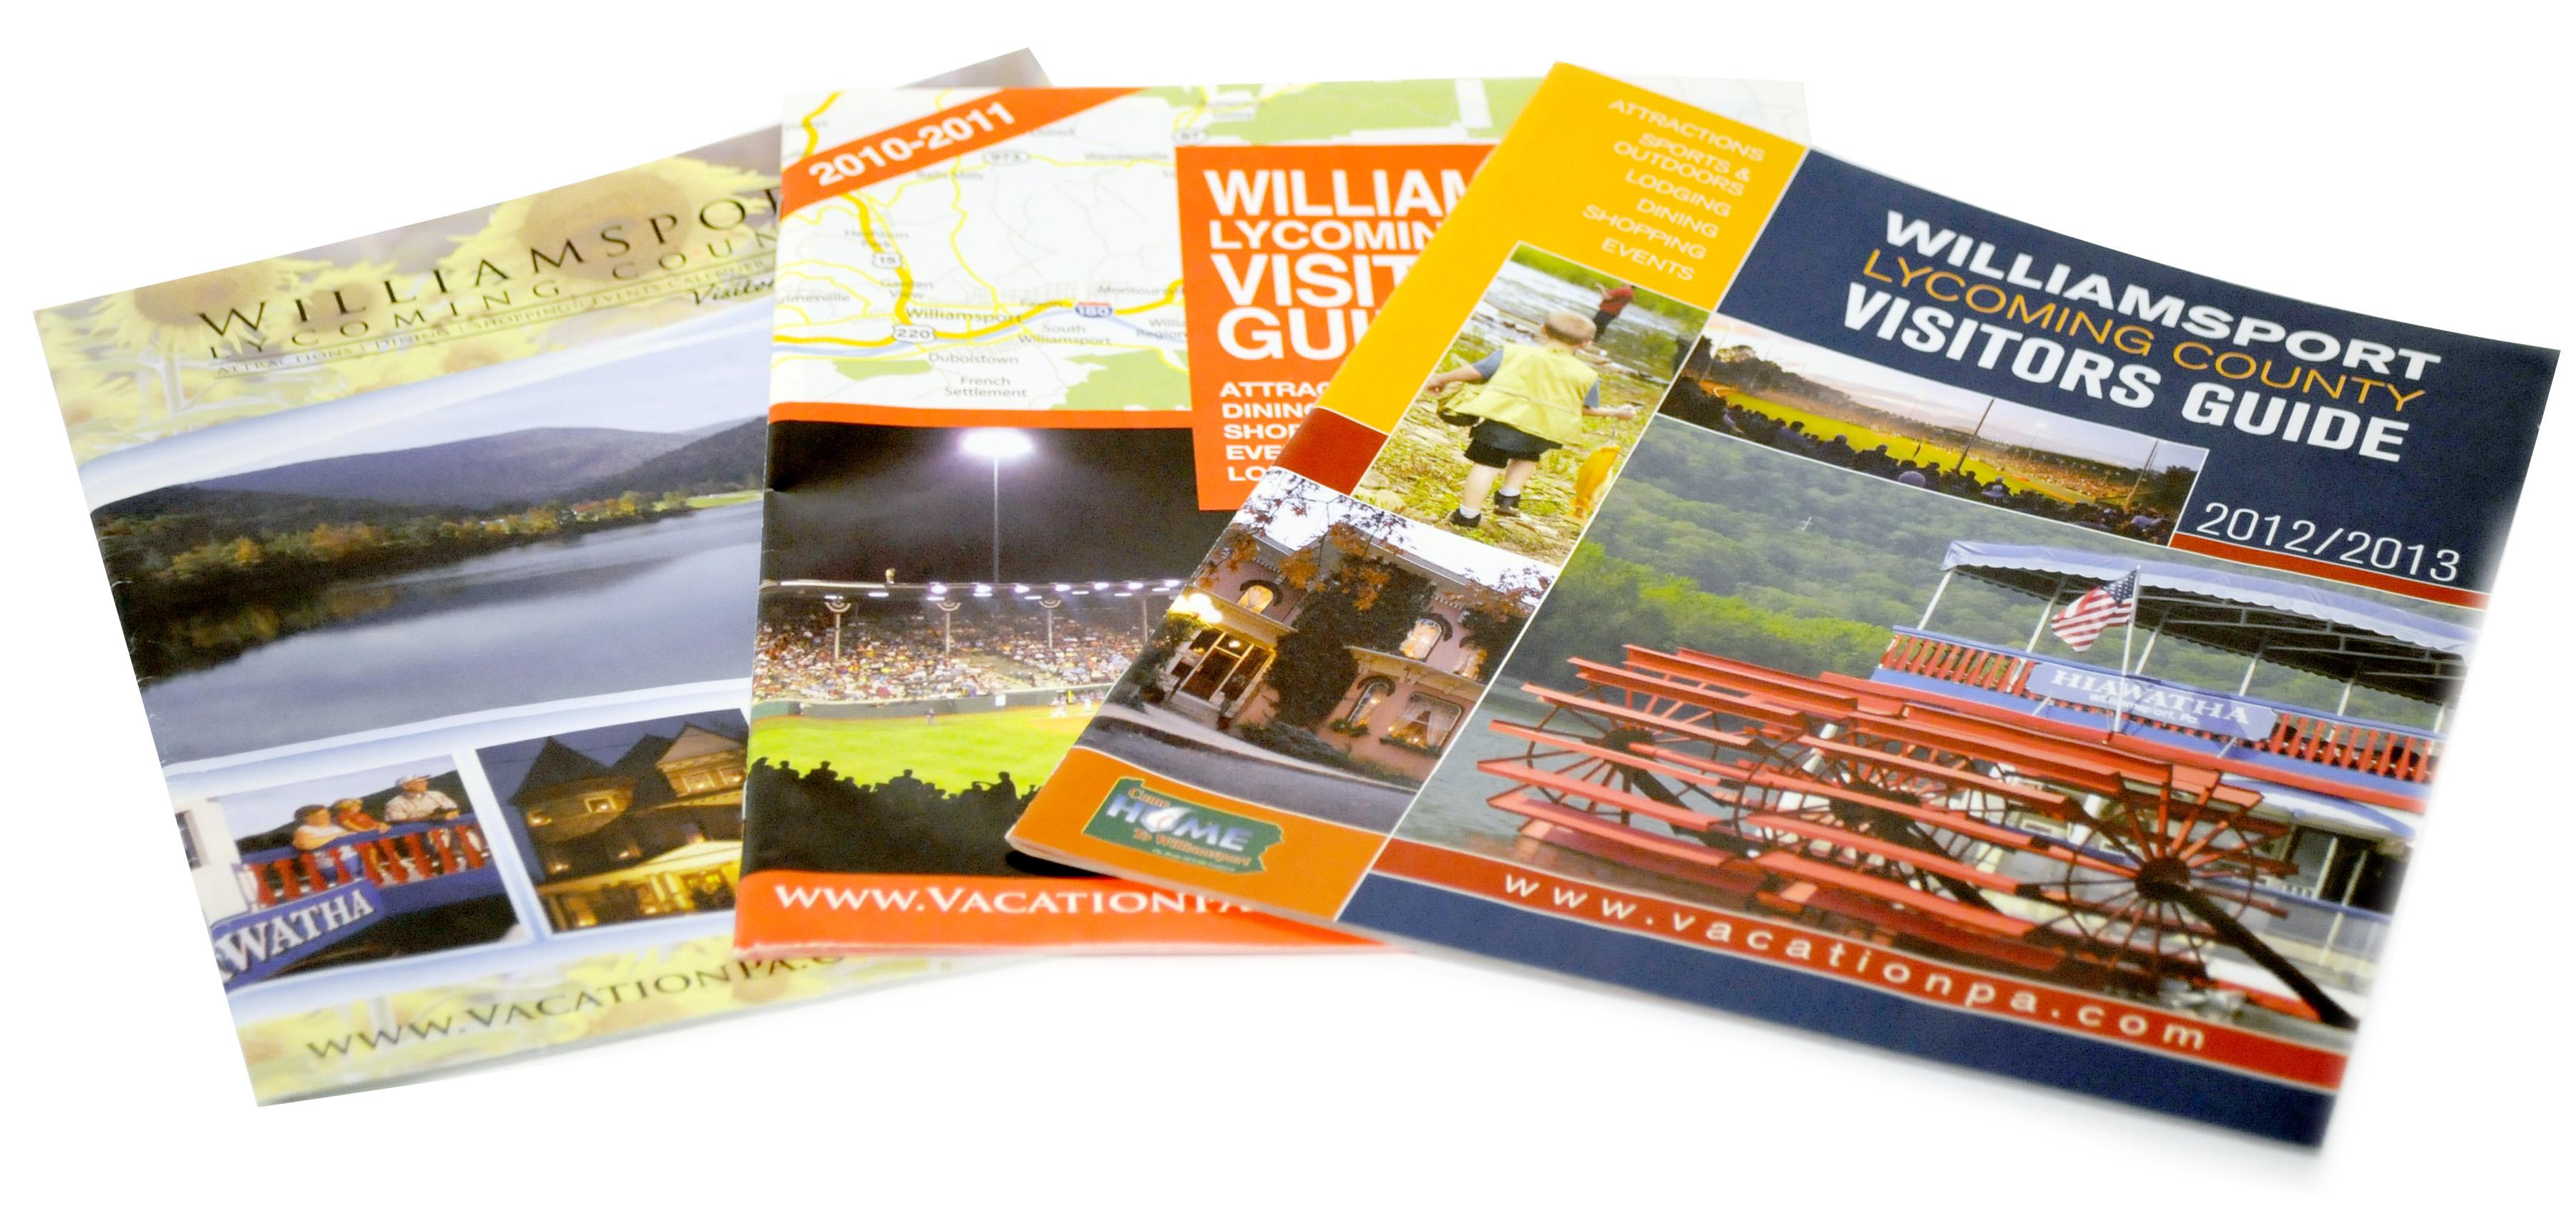 VisitorsGuides